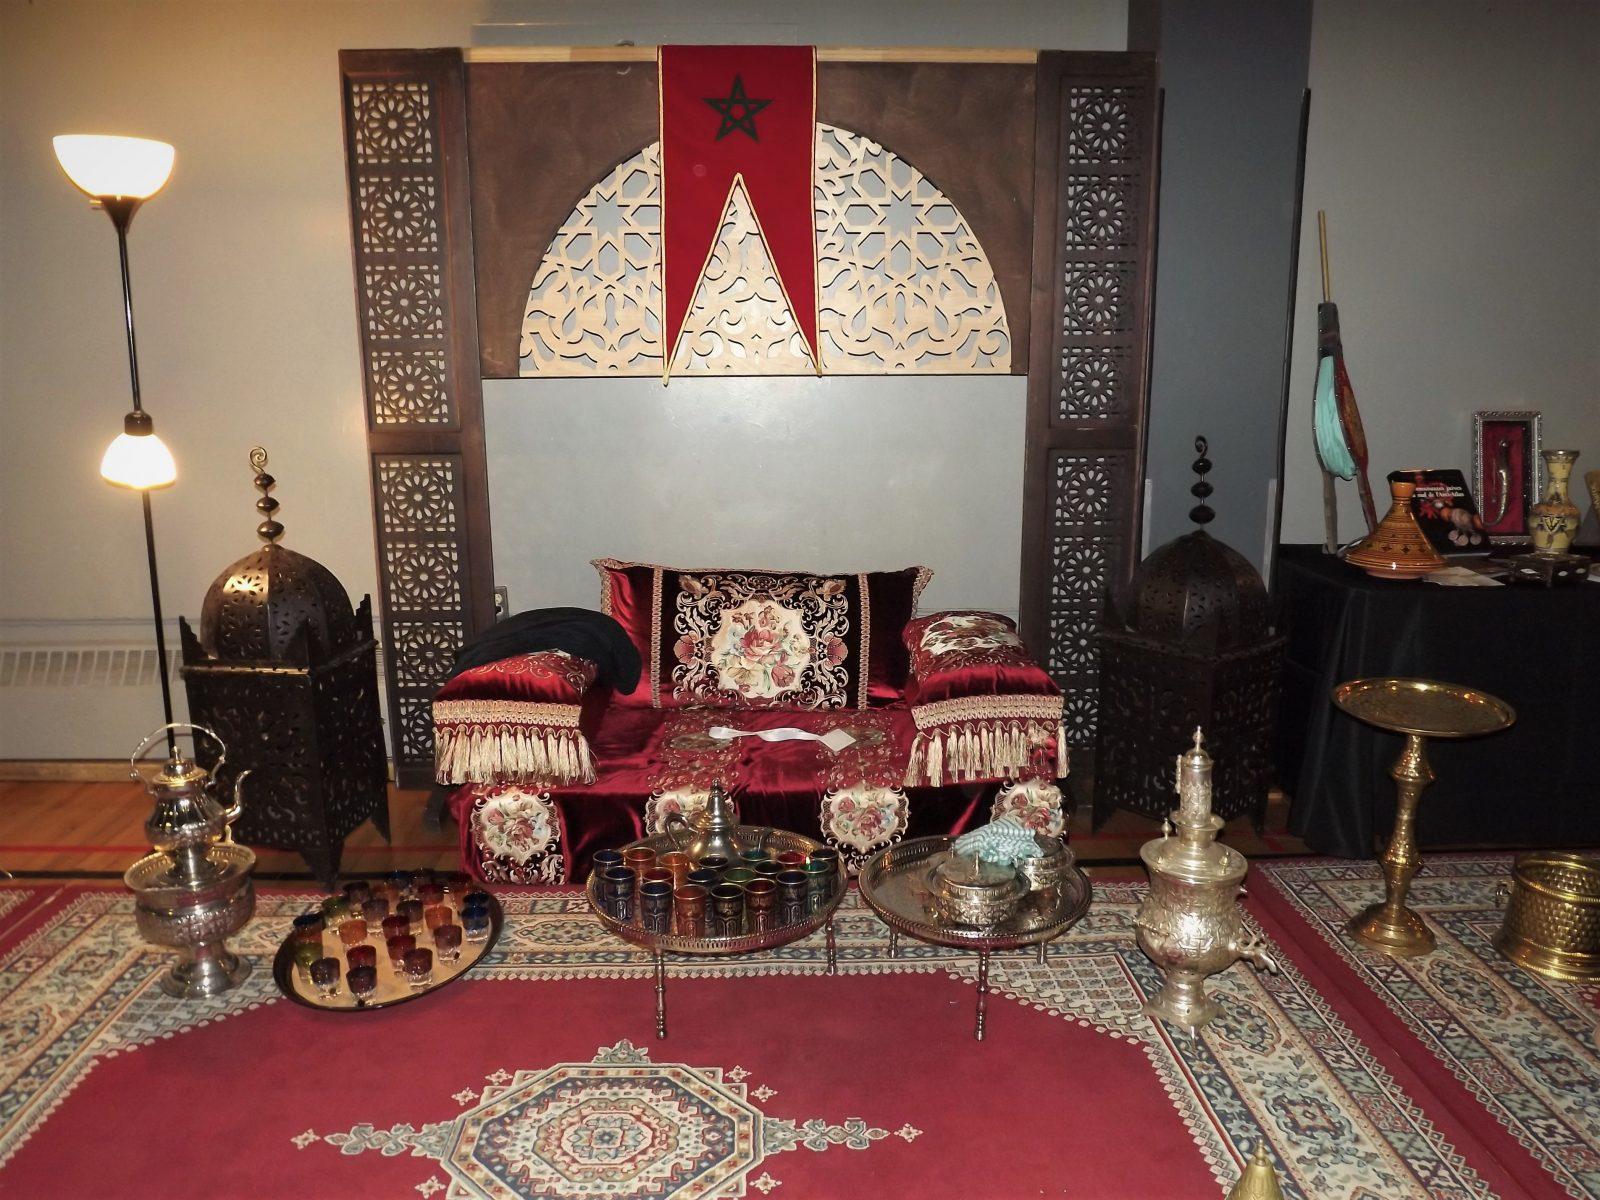 Une journée culturelle aux saveurs marocaines et québécoises